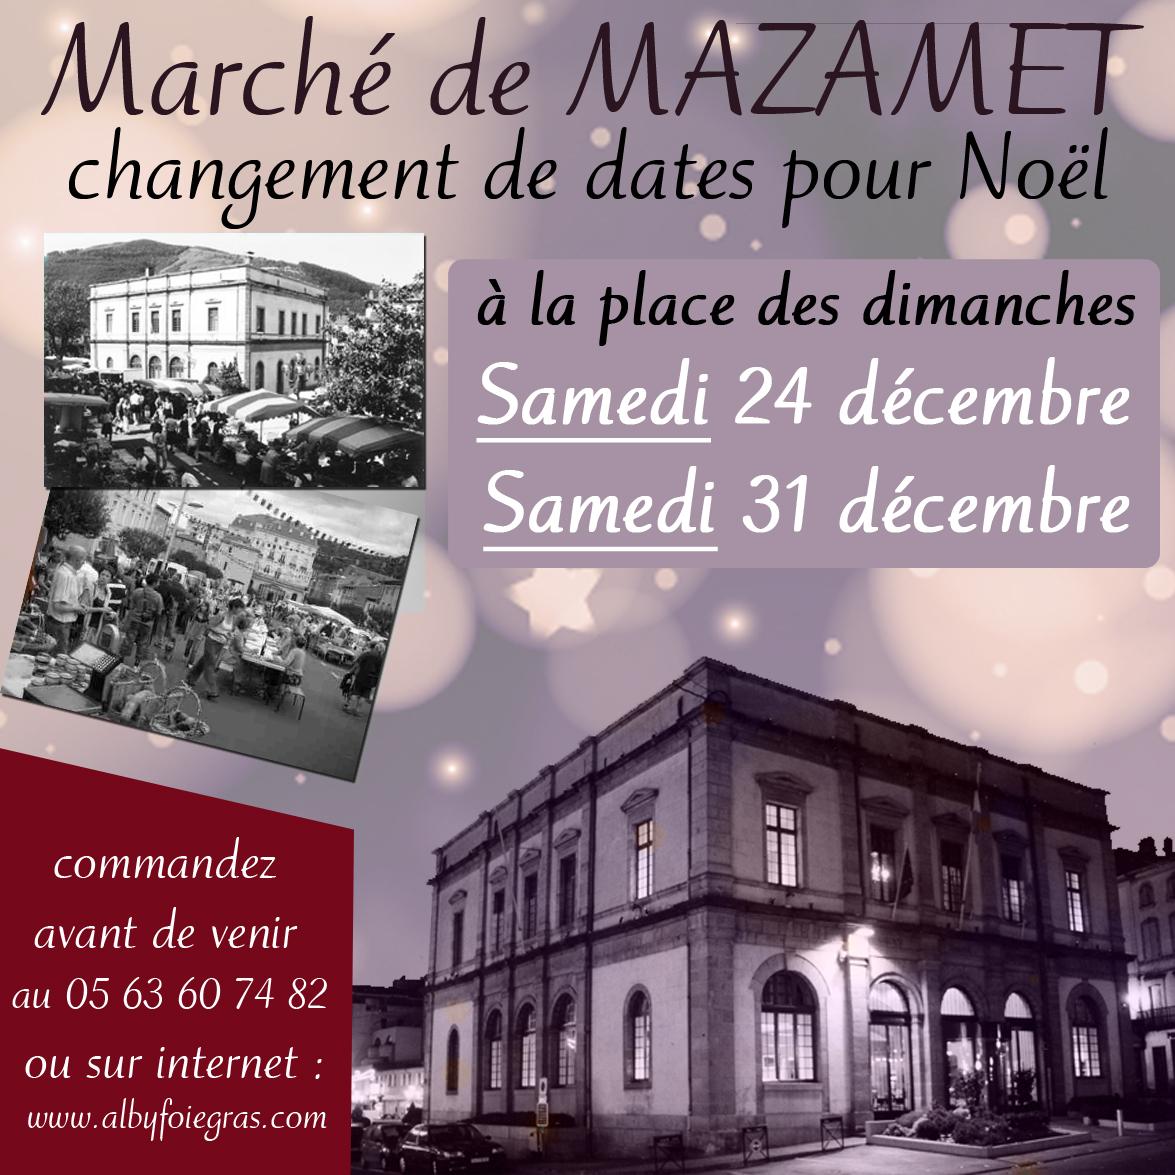 Marché de Mazamet